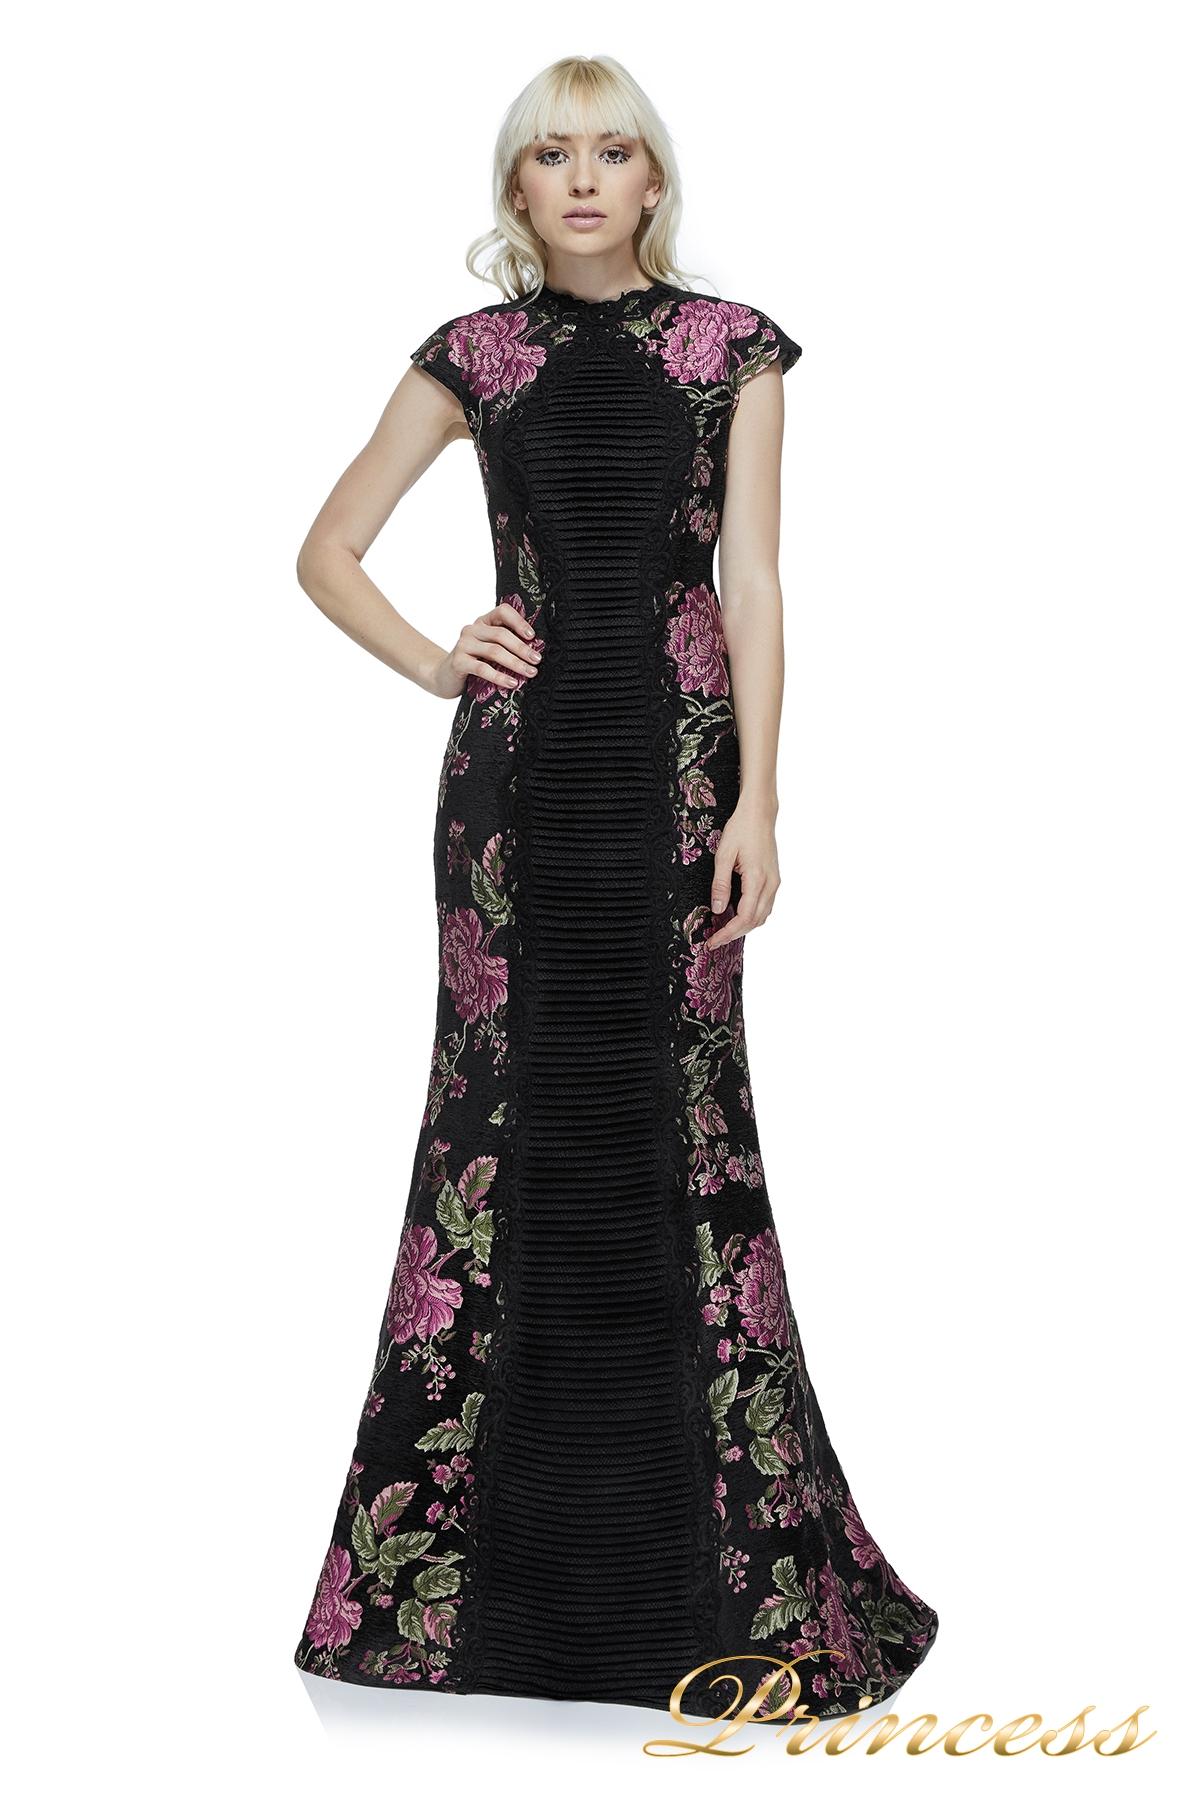 a22fda1f575 Купить вечернее платье tadashi shoji ayr1293l black цветного цвета ...